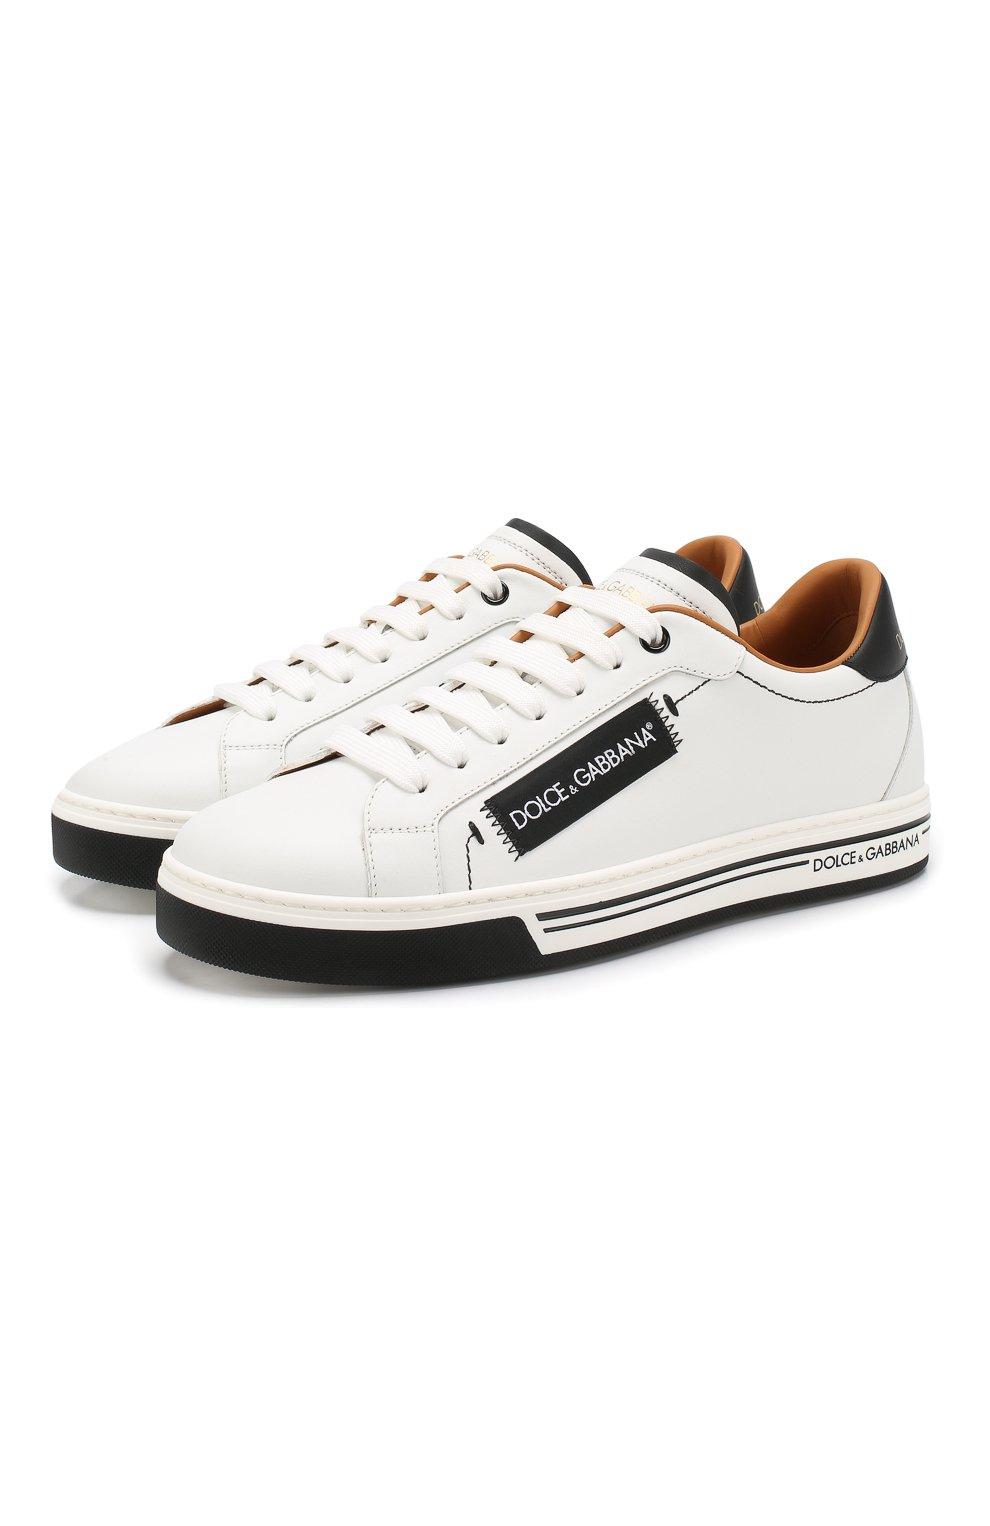 26235c78c953 Мужская обувь Dolce   Gabbana по цене от 14 250 руб. купить в  интернет-магазине ЦУМ